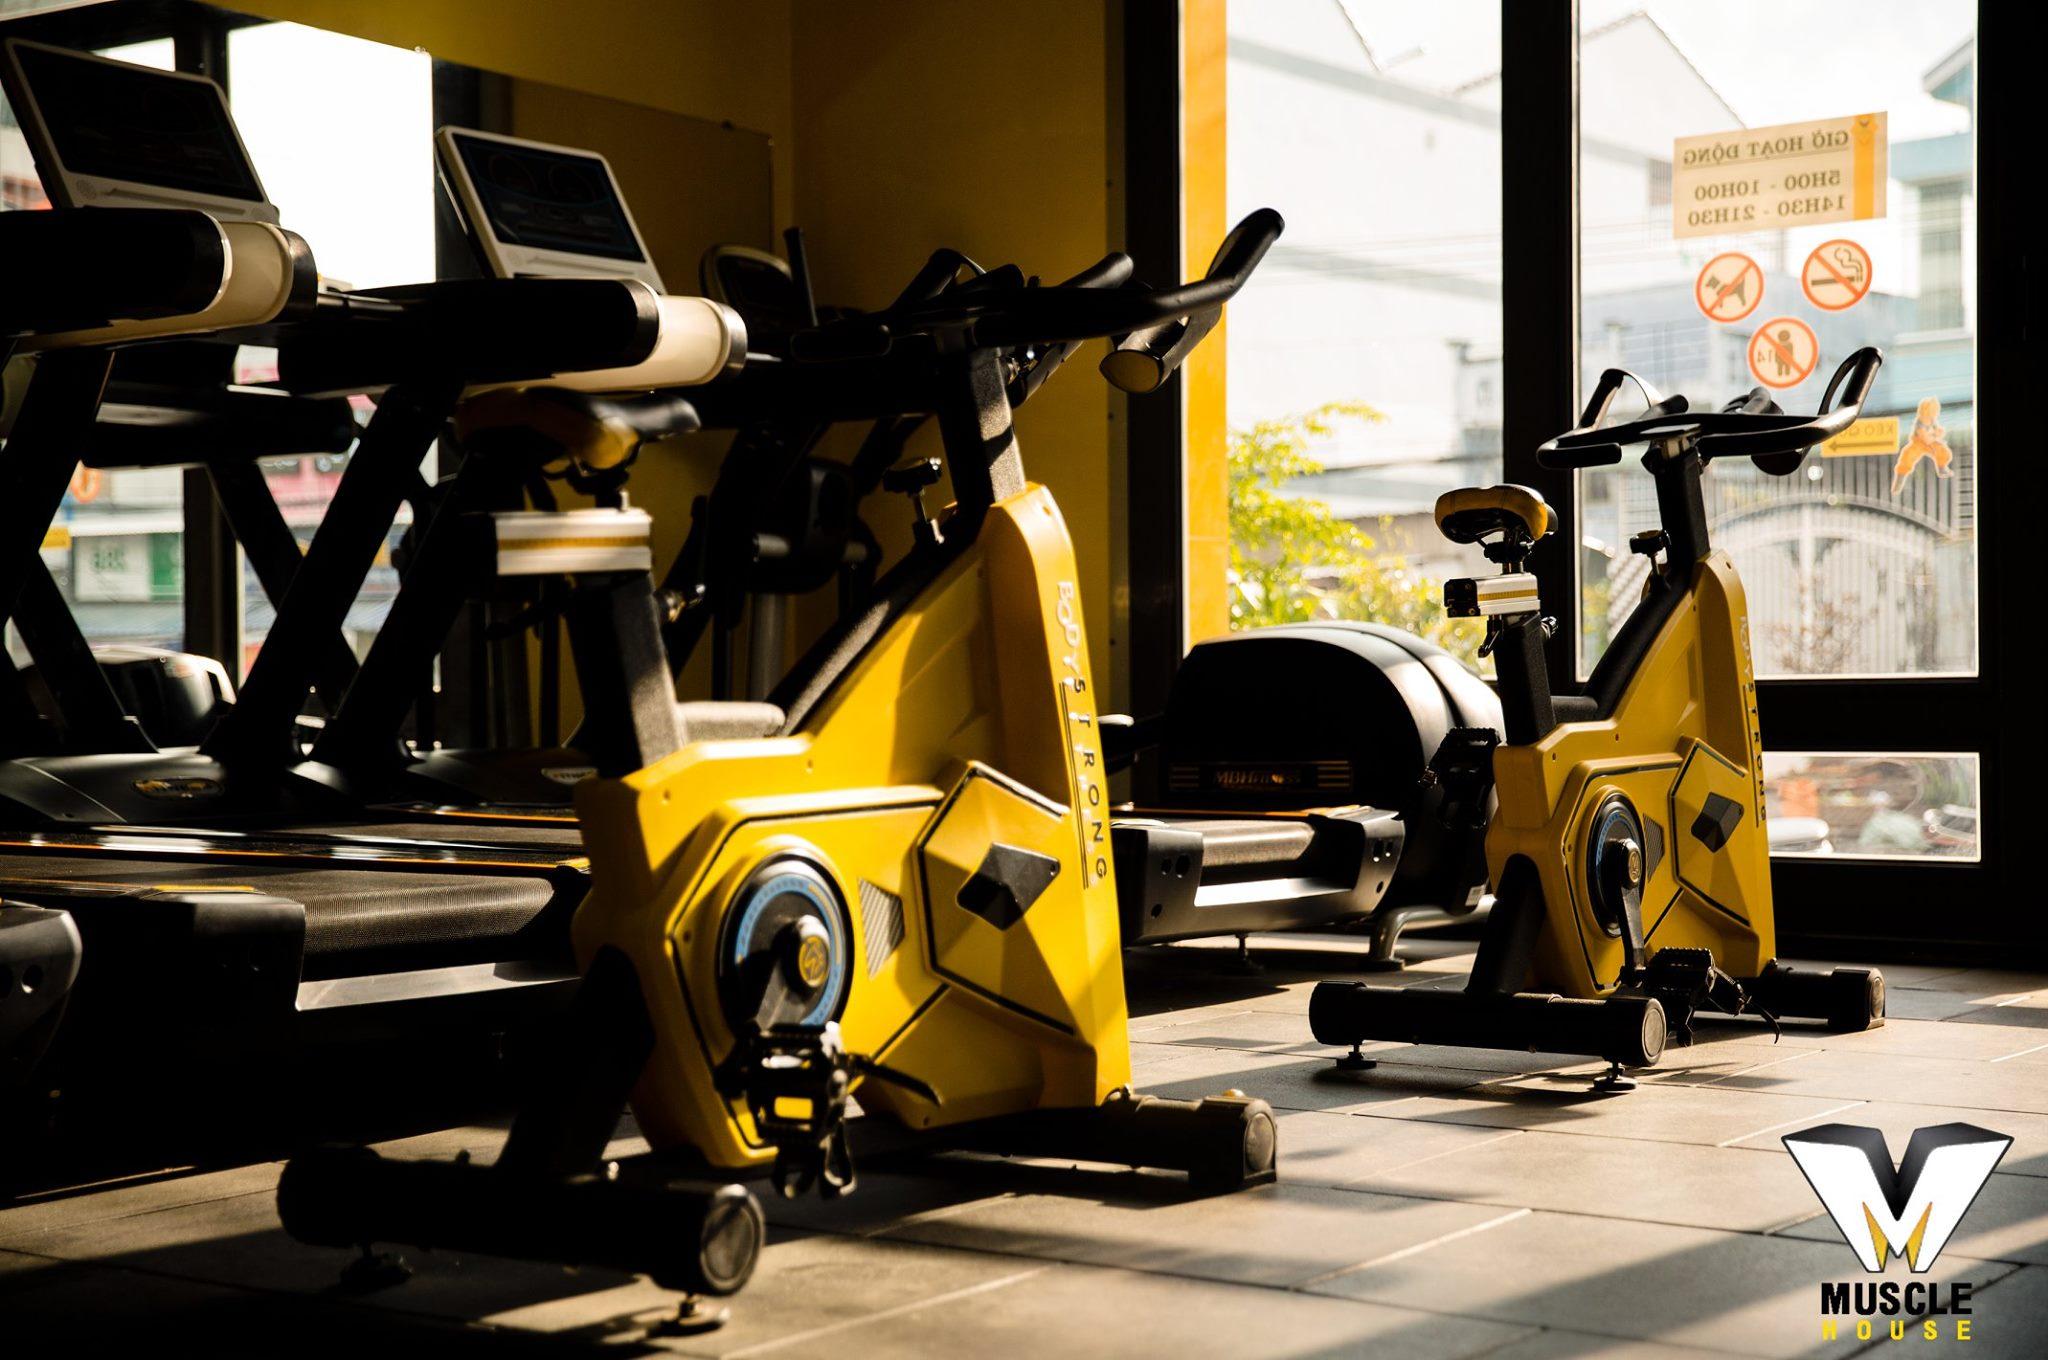 """Xe đạp"""" Body strong """"của hãng MBHFIT tại cơ sở Cà Mau"""